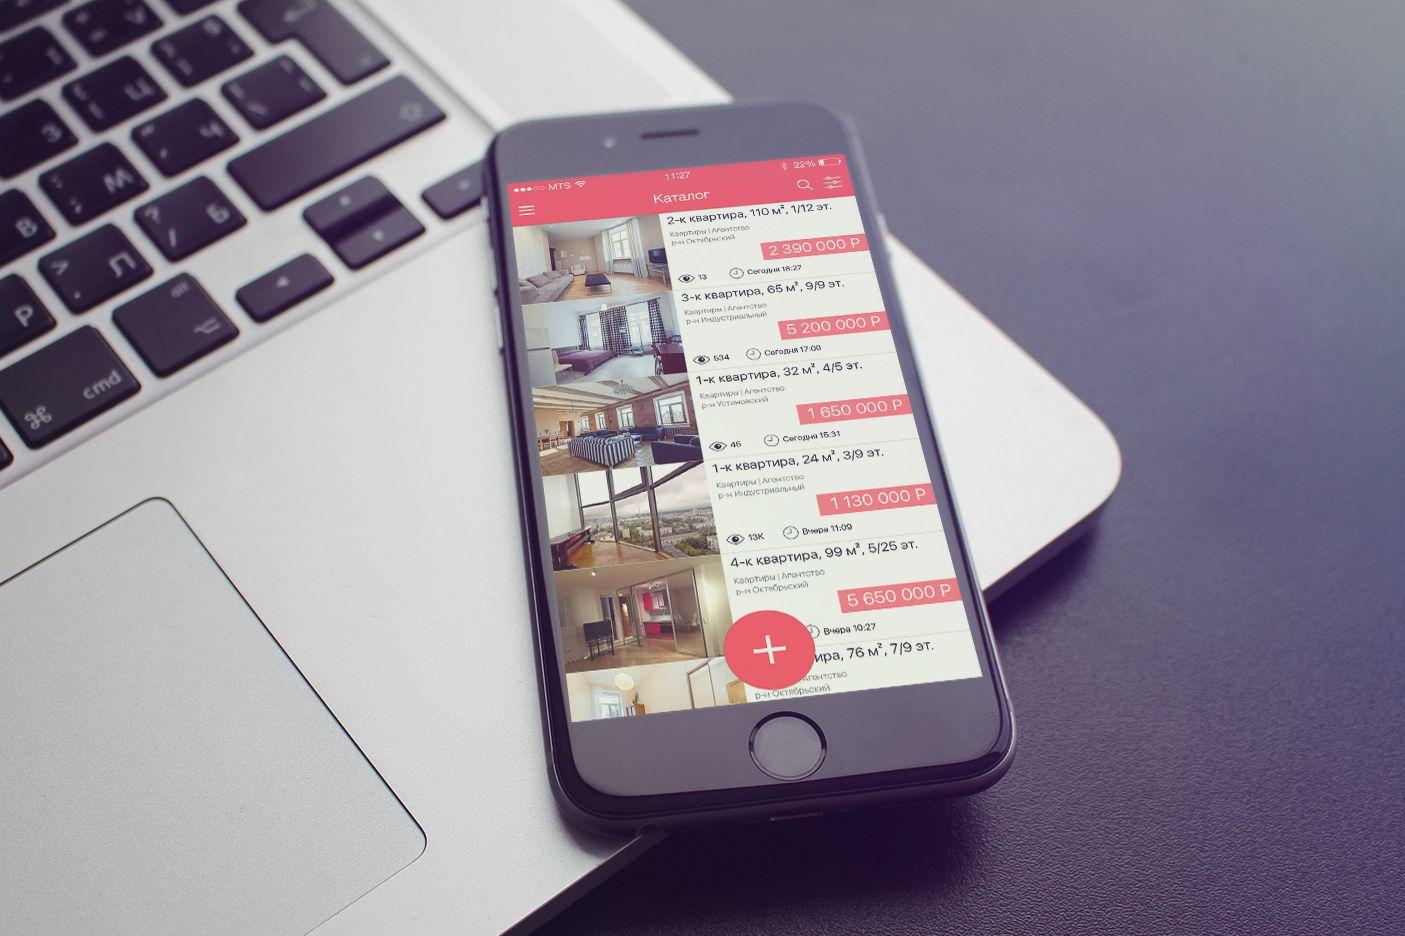 Поиск недвижимости и создание объявлений - дизайнер Plohisc